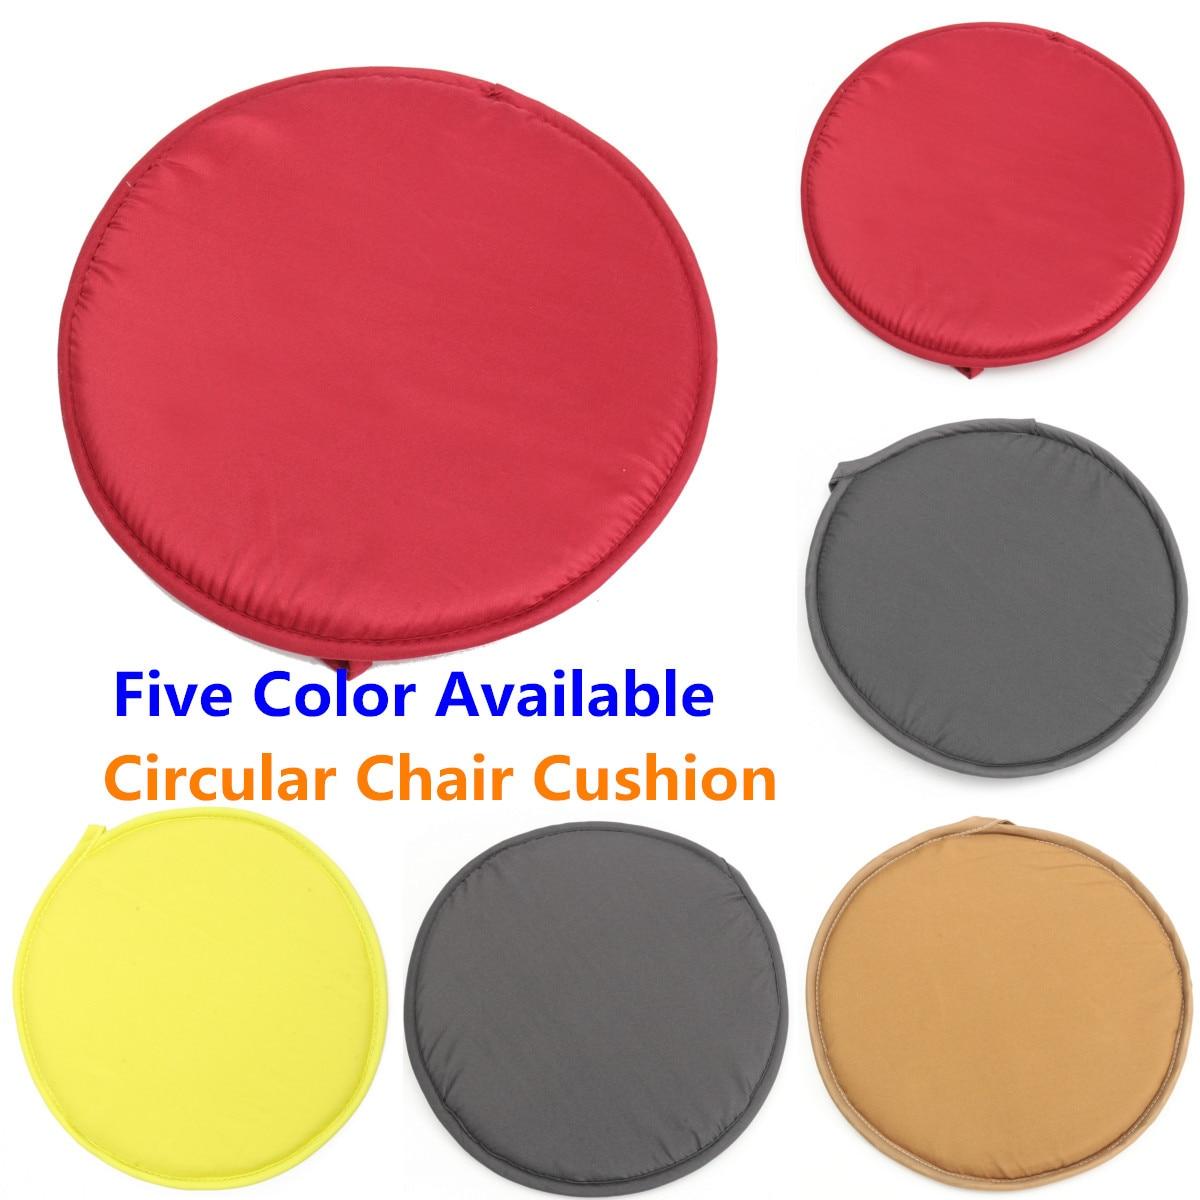 30cm redondo Circular silla con funda extraíble almohadillas de asiento para Bistro lazo en la cocina comedor hogar